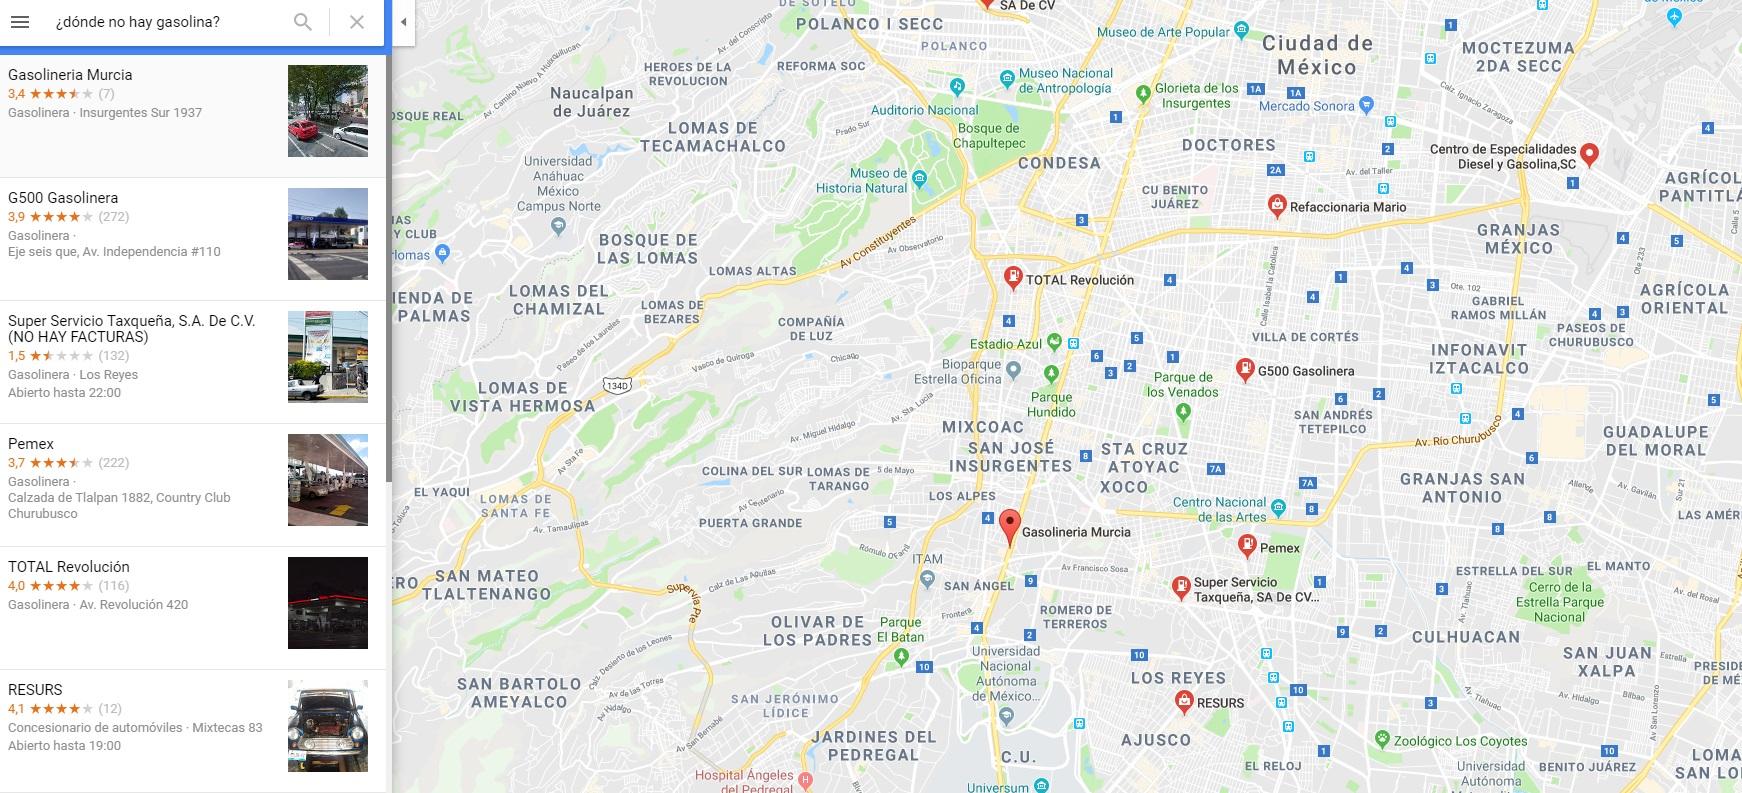 Google Maps lanzó la función para ubicar las gasolineras donde no hay combustible (Captura de pantalla)